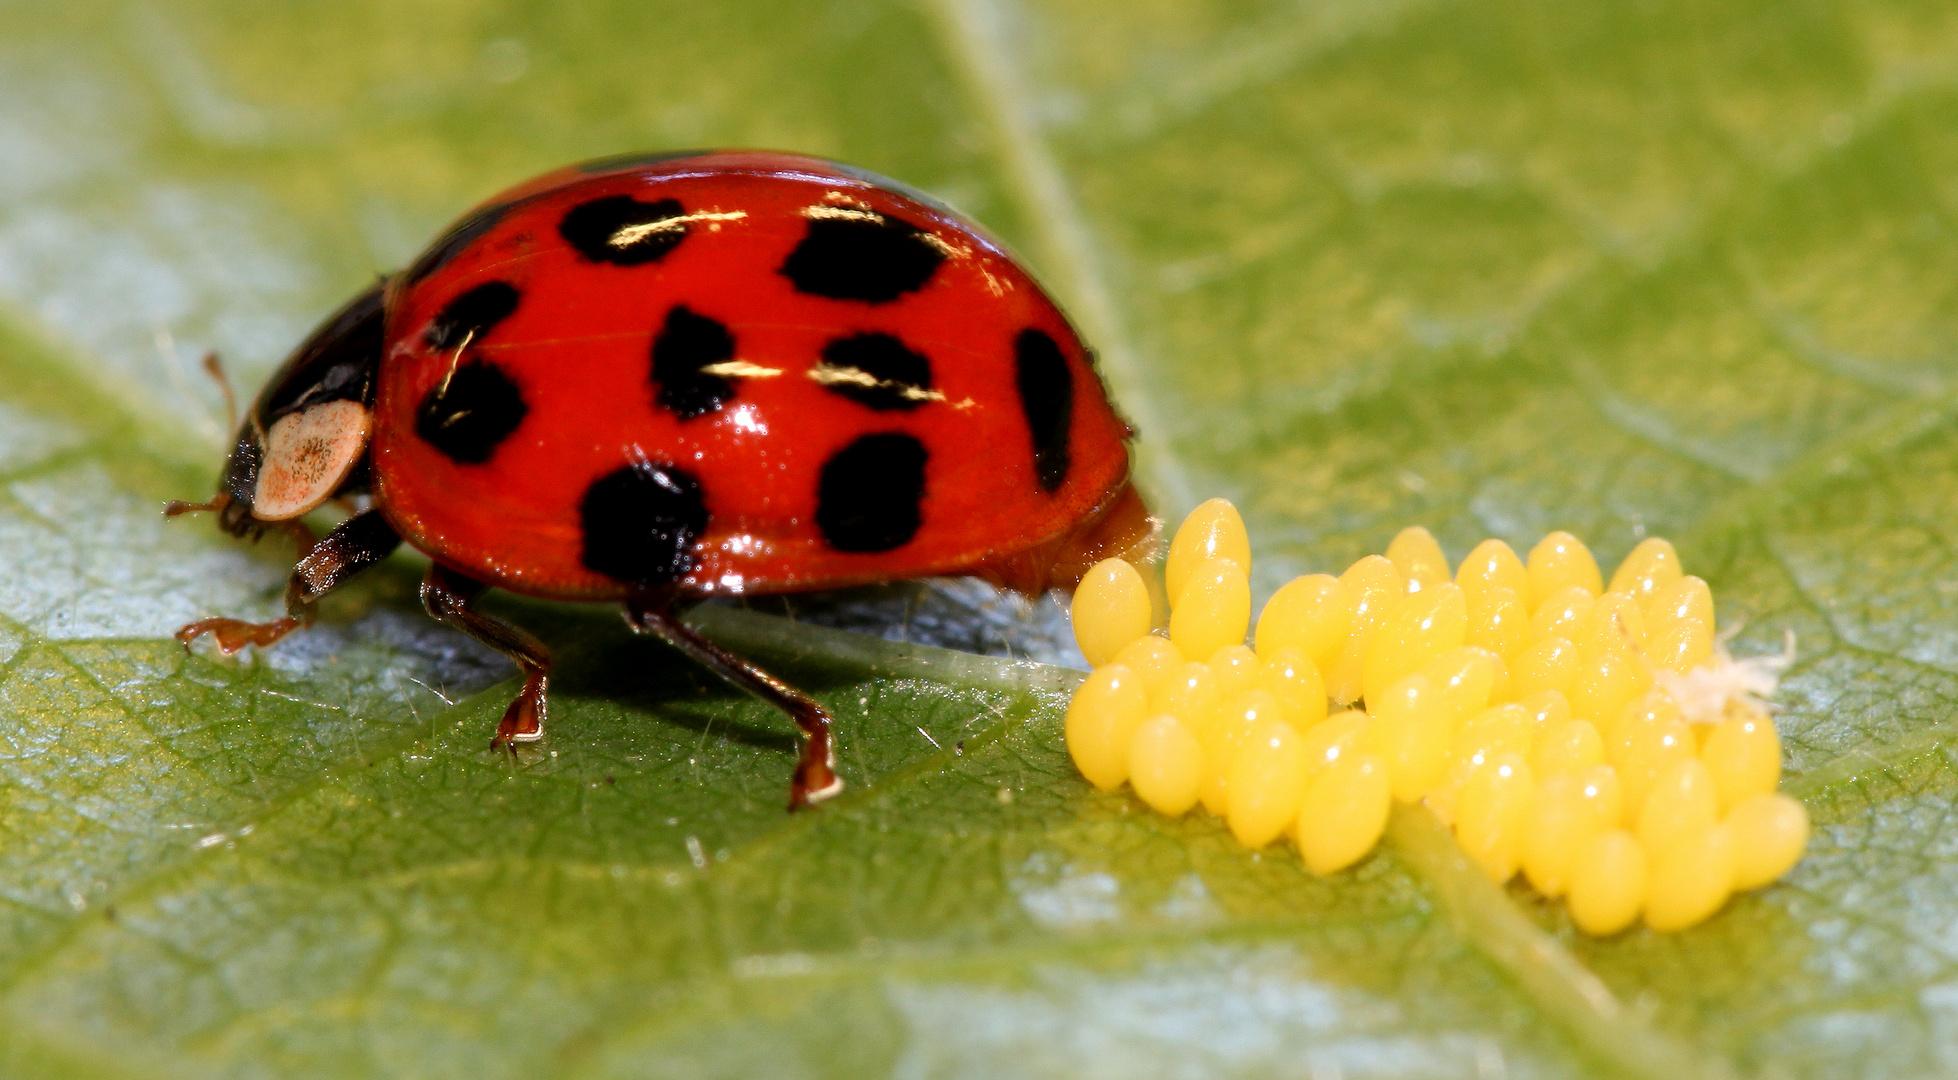 eiablage1 harmonia axyridis asiatischer marienk fer foto bild tiere wildlife insekten. Black Bedroom Furniture Sets. Home Design Ideas